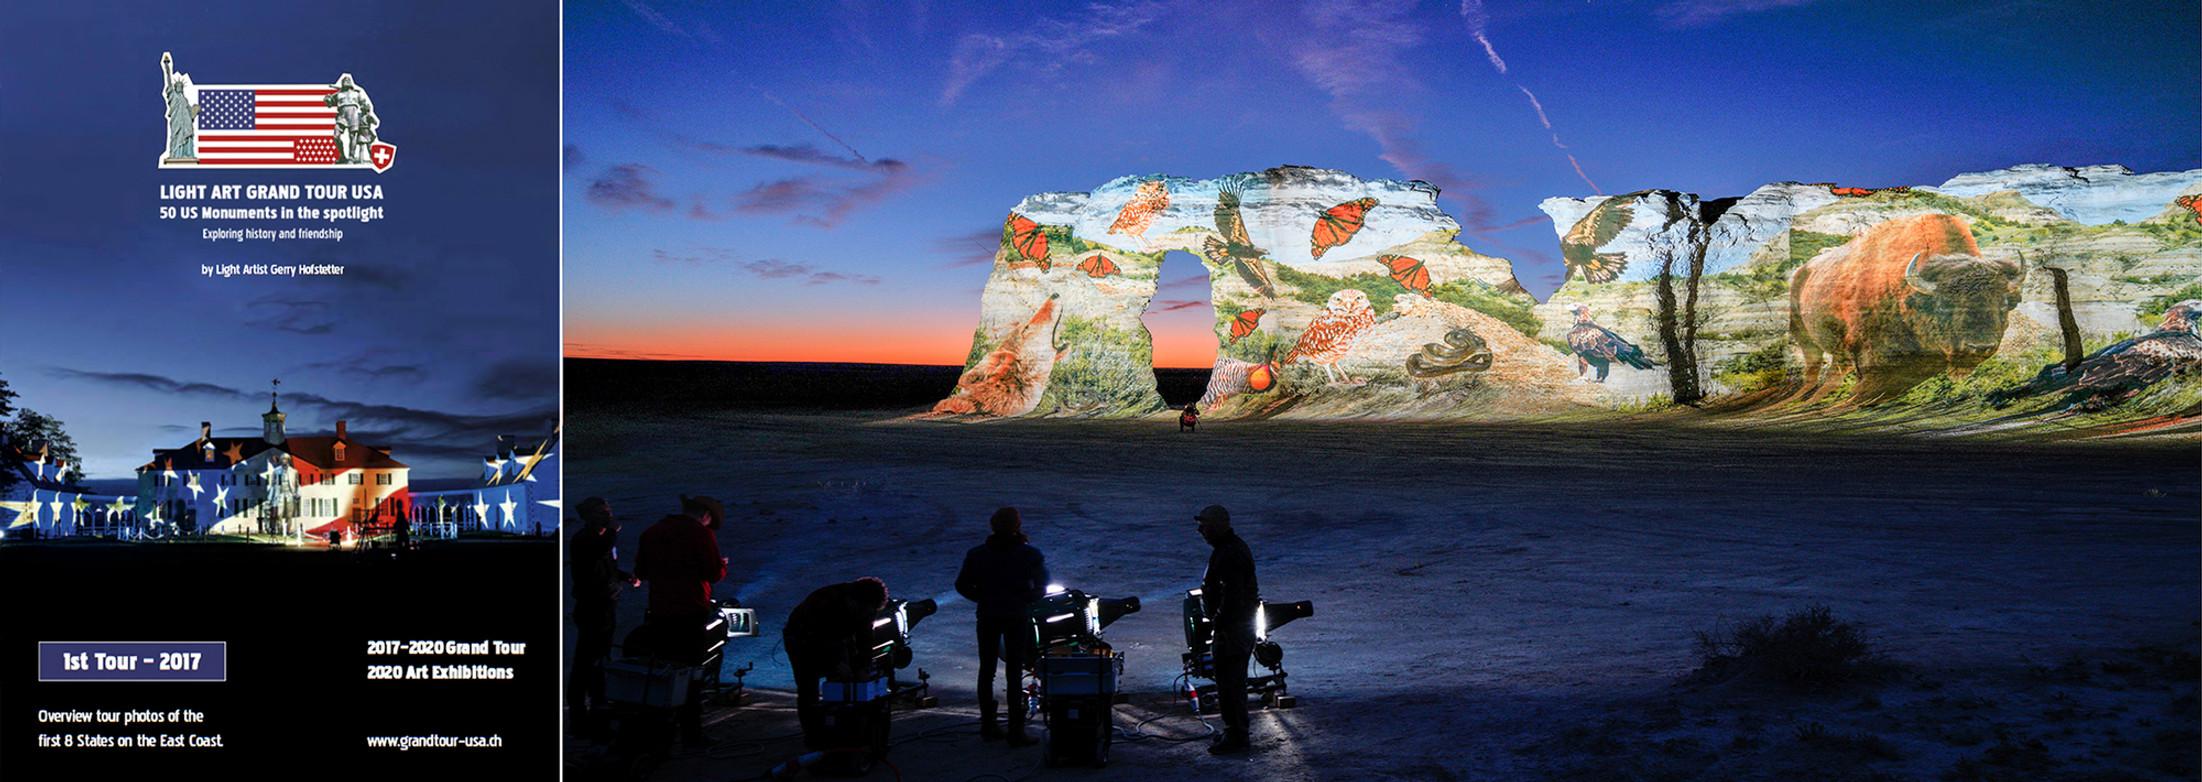 LIGHT ART TOUR USA FOR MOVIE AND ARTBOOKS